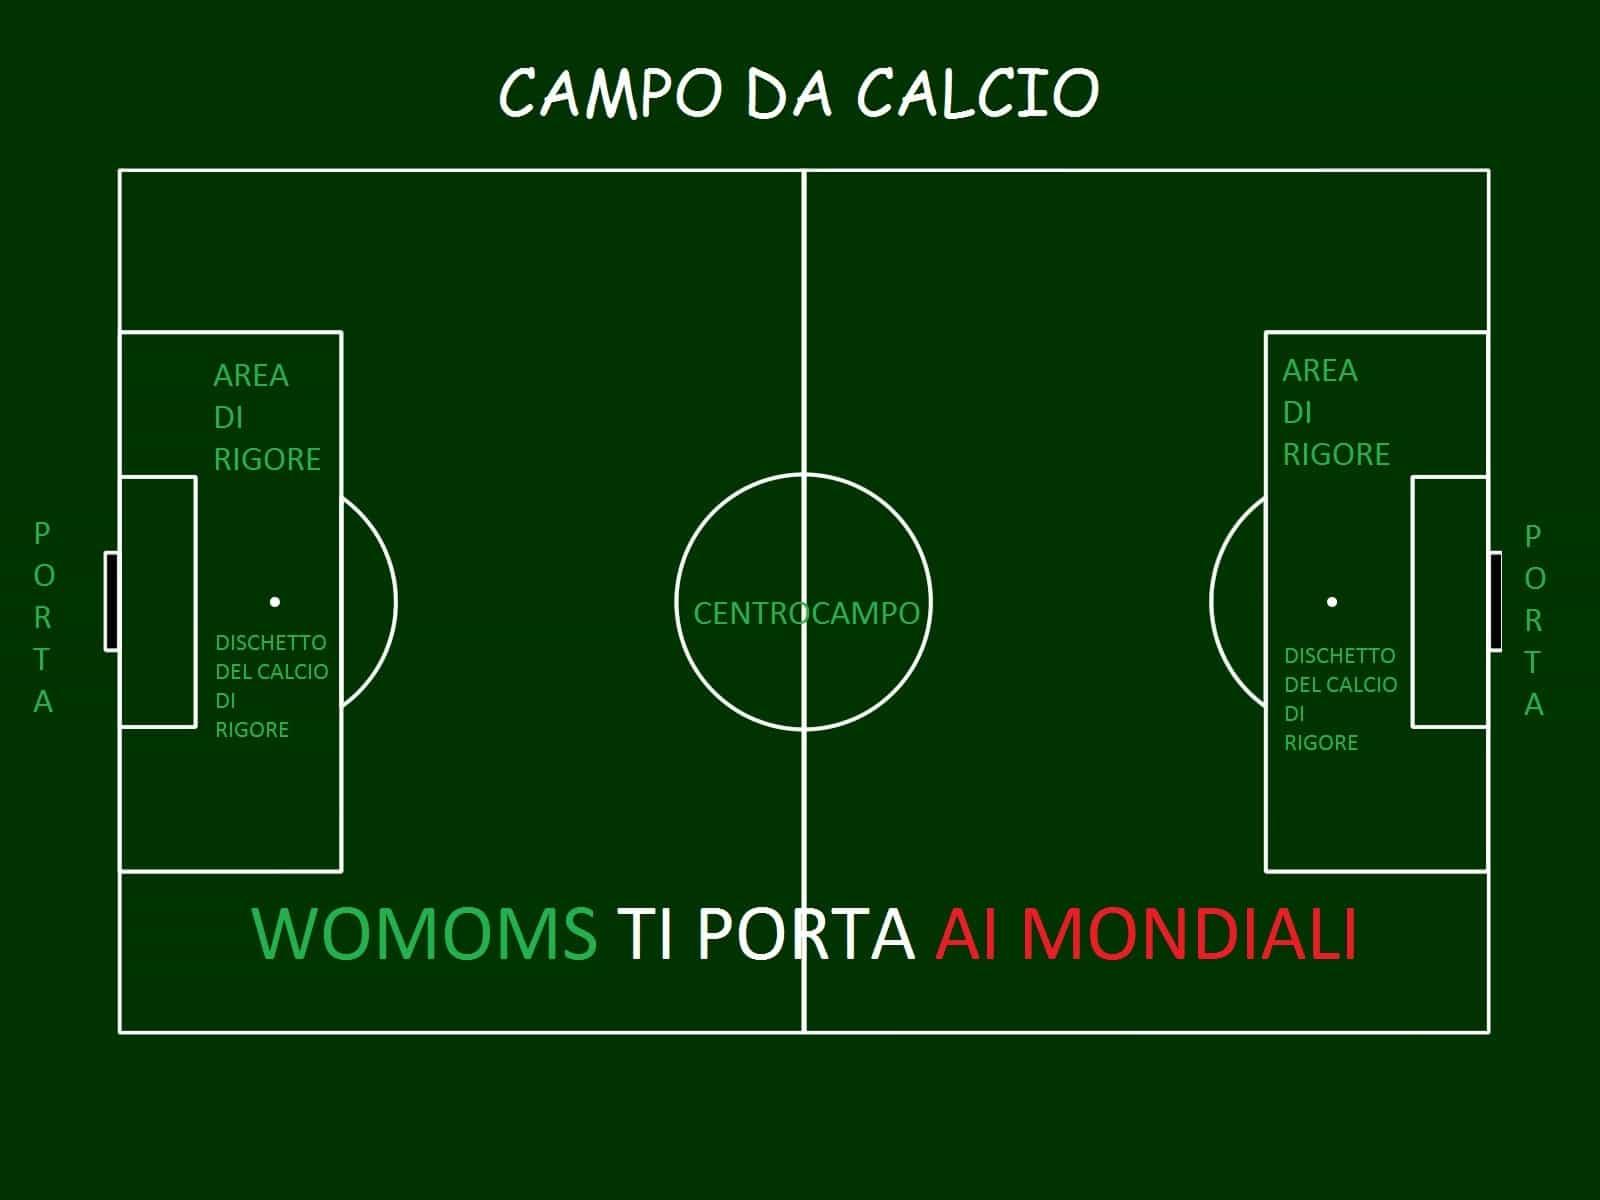 #rigoreofuorigioco